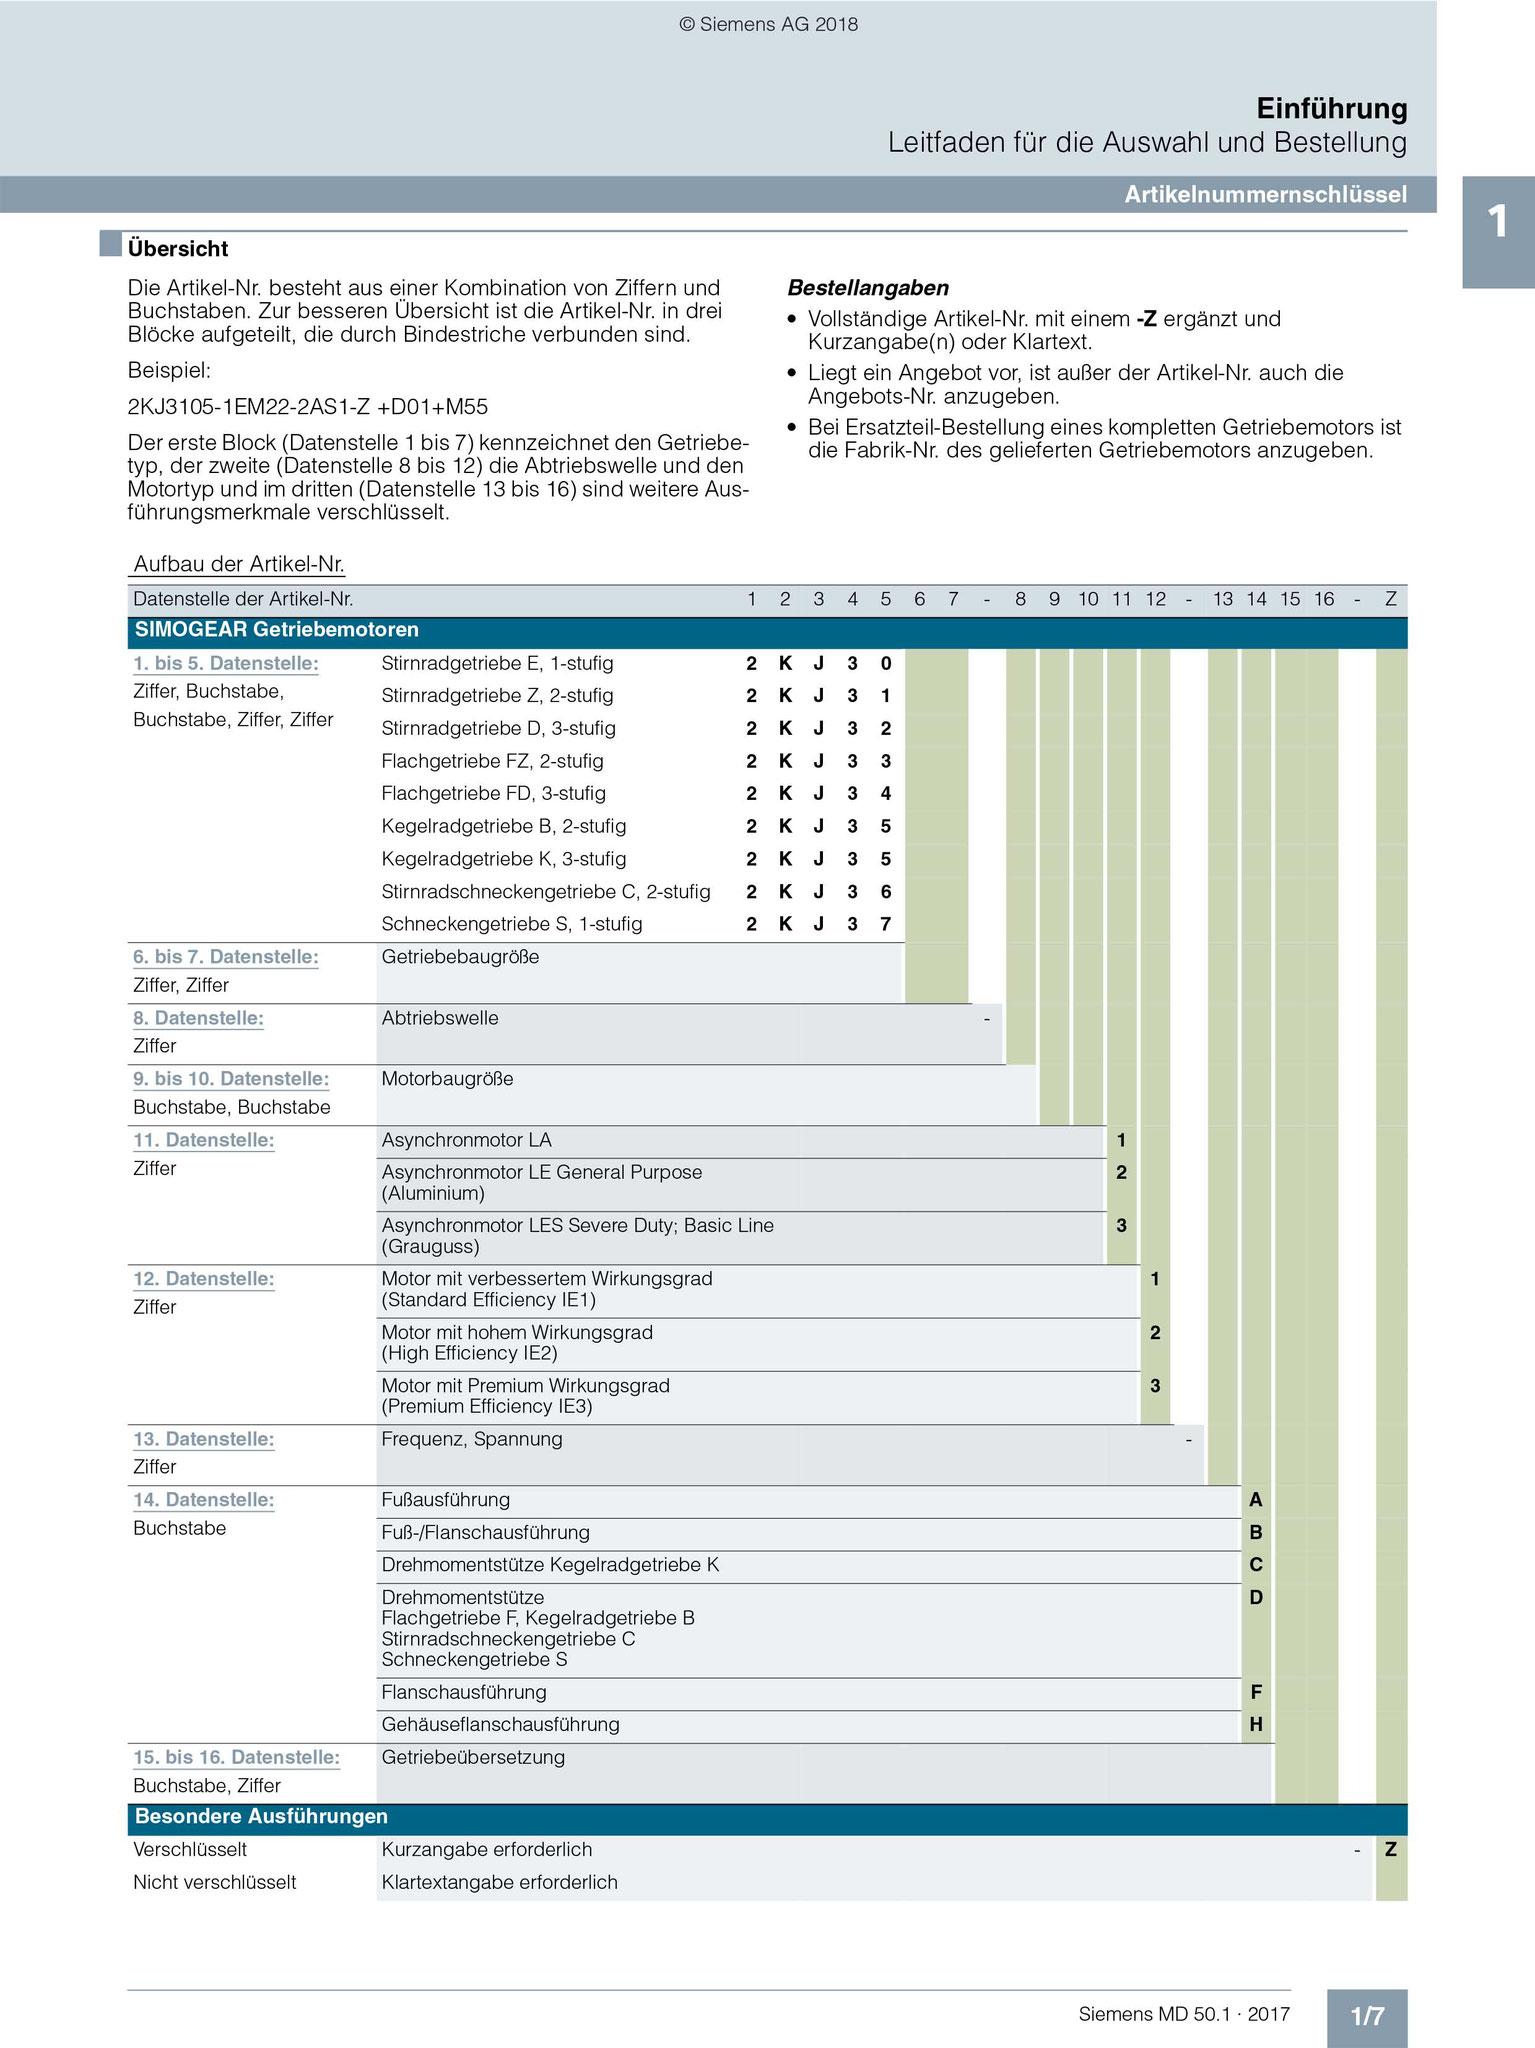 Siemens Katalog (MD 50.1): Artikelnummernschlüssel Übersicht © Siemens AG 2018, Alle Rechte vorbehalten